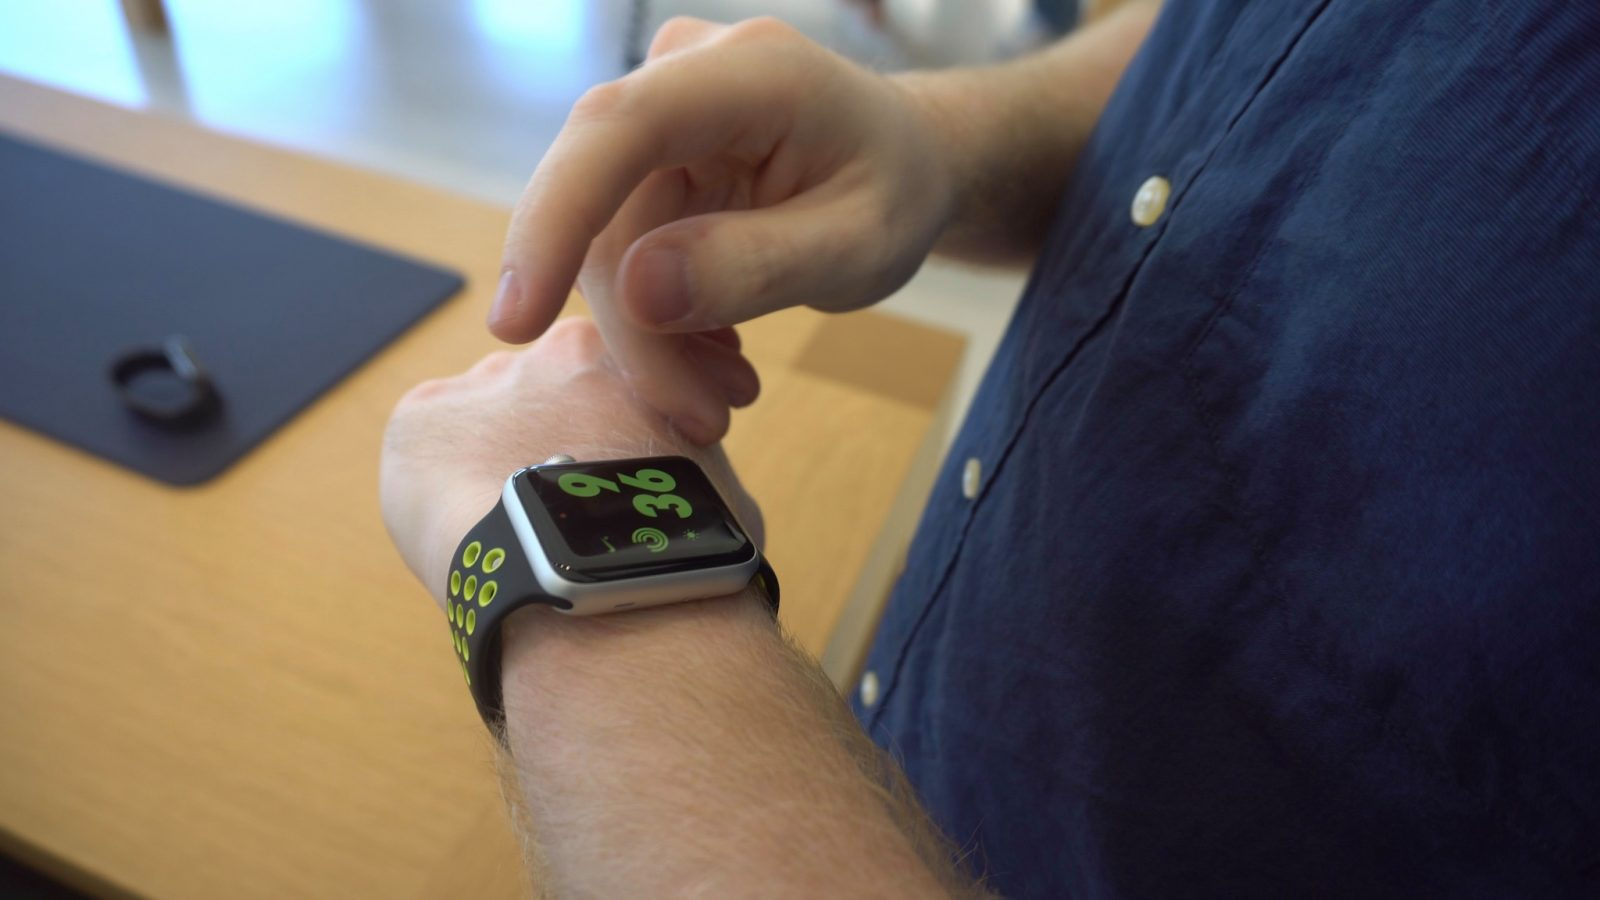 Магазины снижают цены на Apple Watch в преддверии релиза новых часов